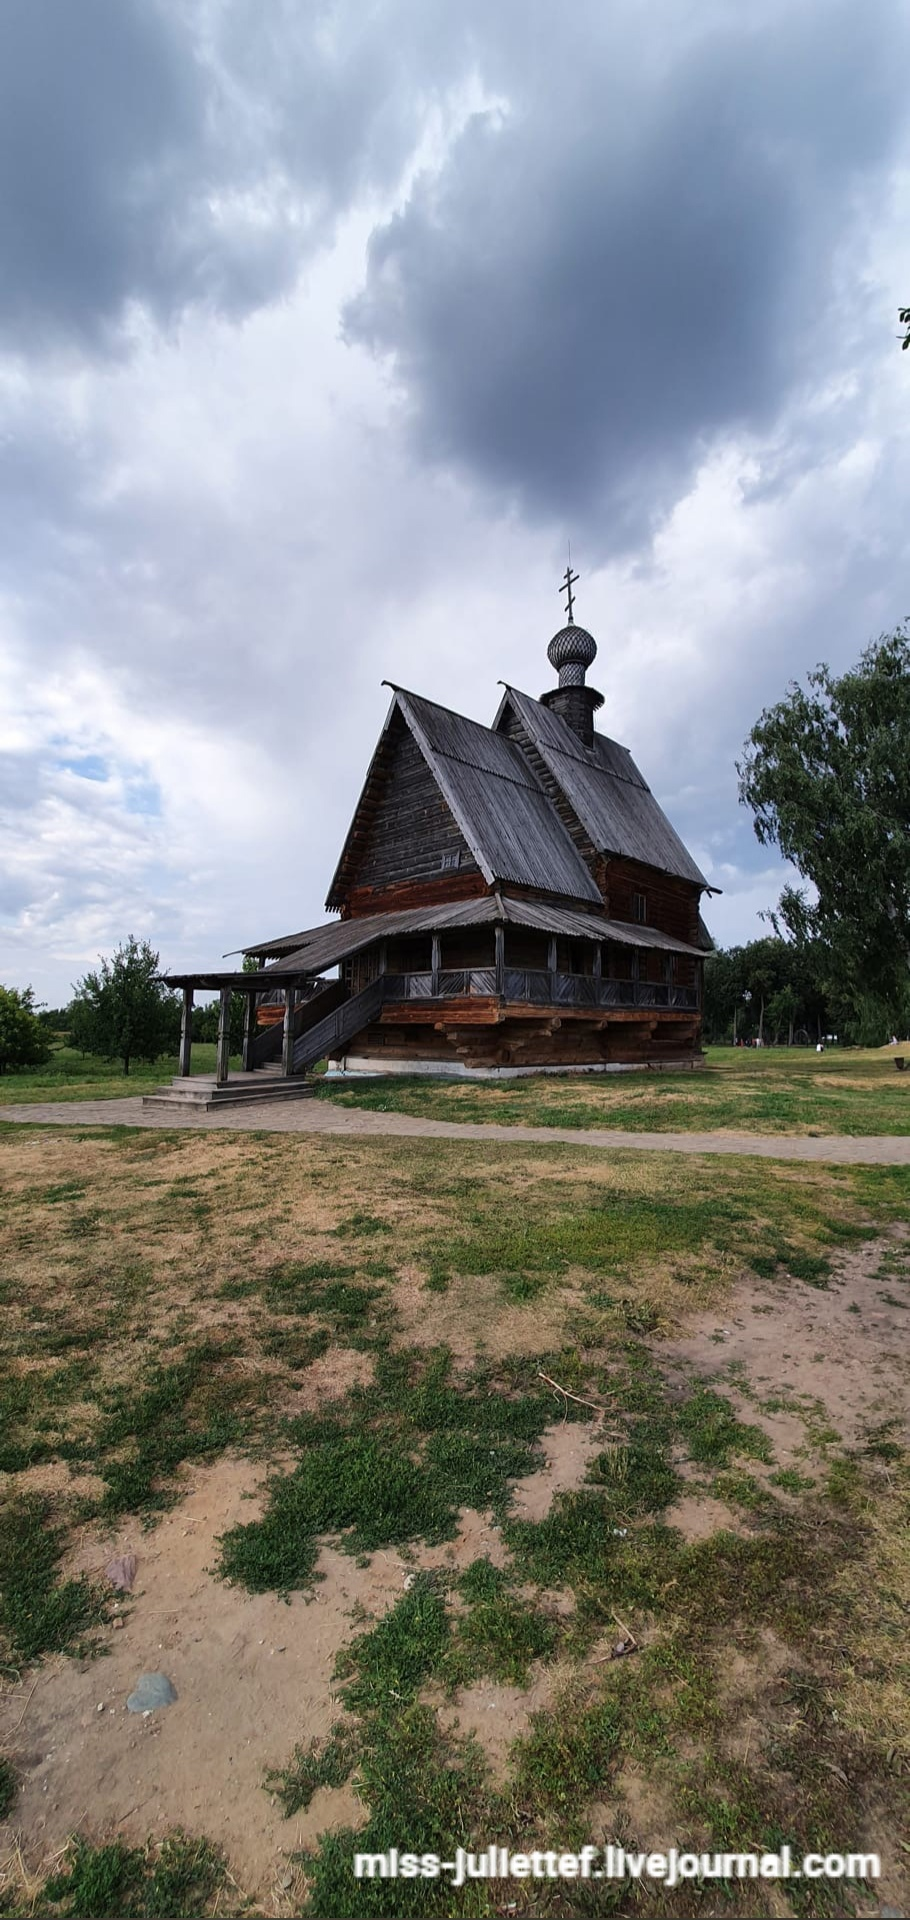 Кремль. Церковь Николы из села Глотово. Единственная за весь пост отретушированная фотография, кстати.